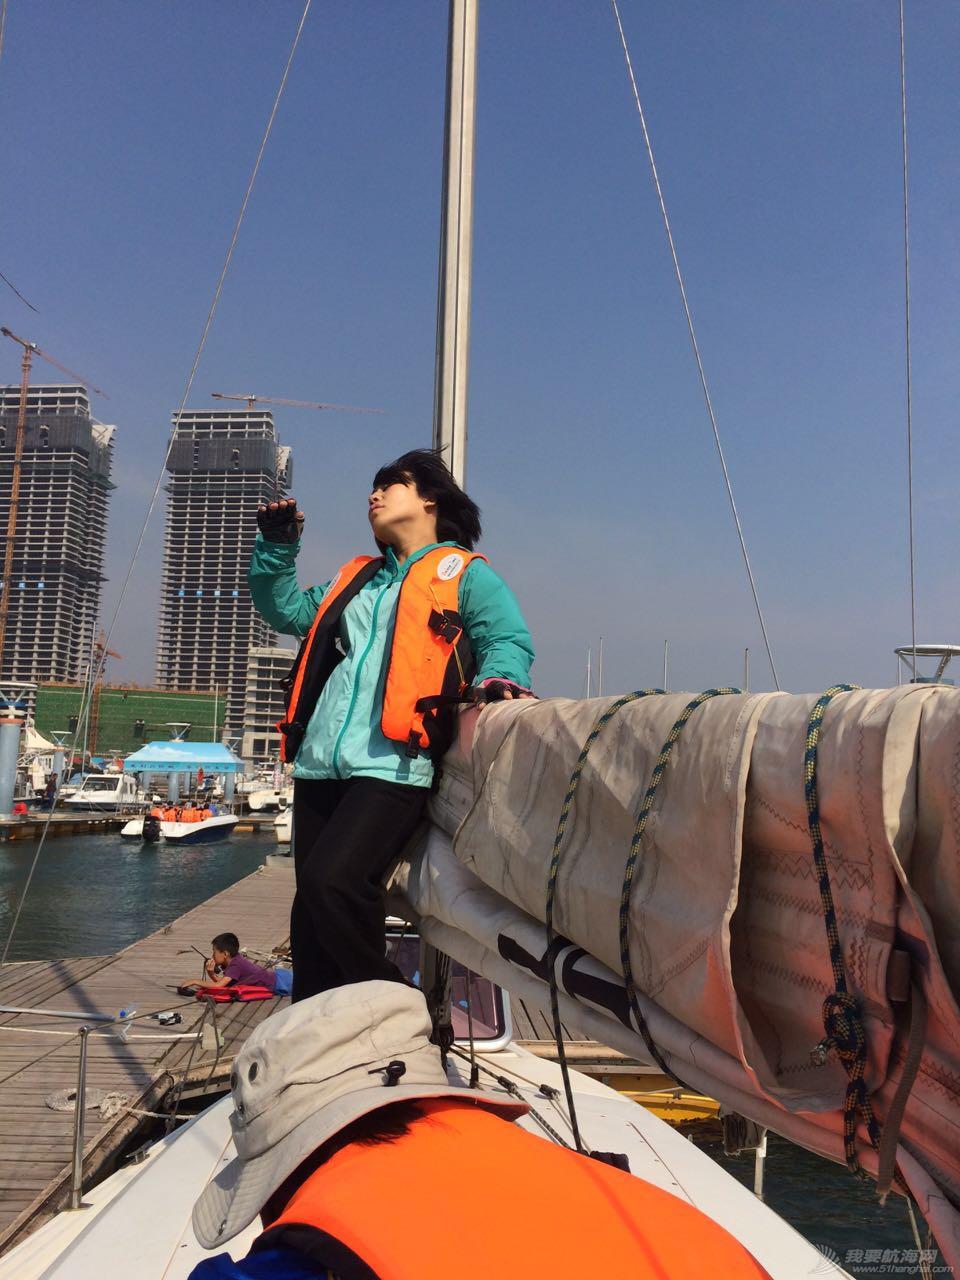 日记 我的免费航海训练日记 6553156154cc963a18.png